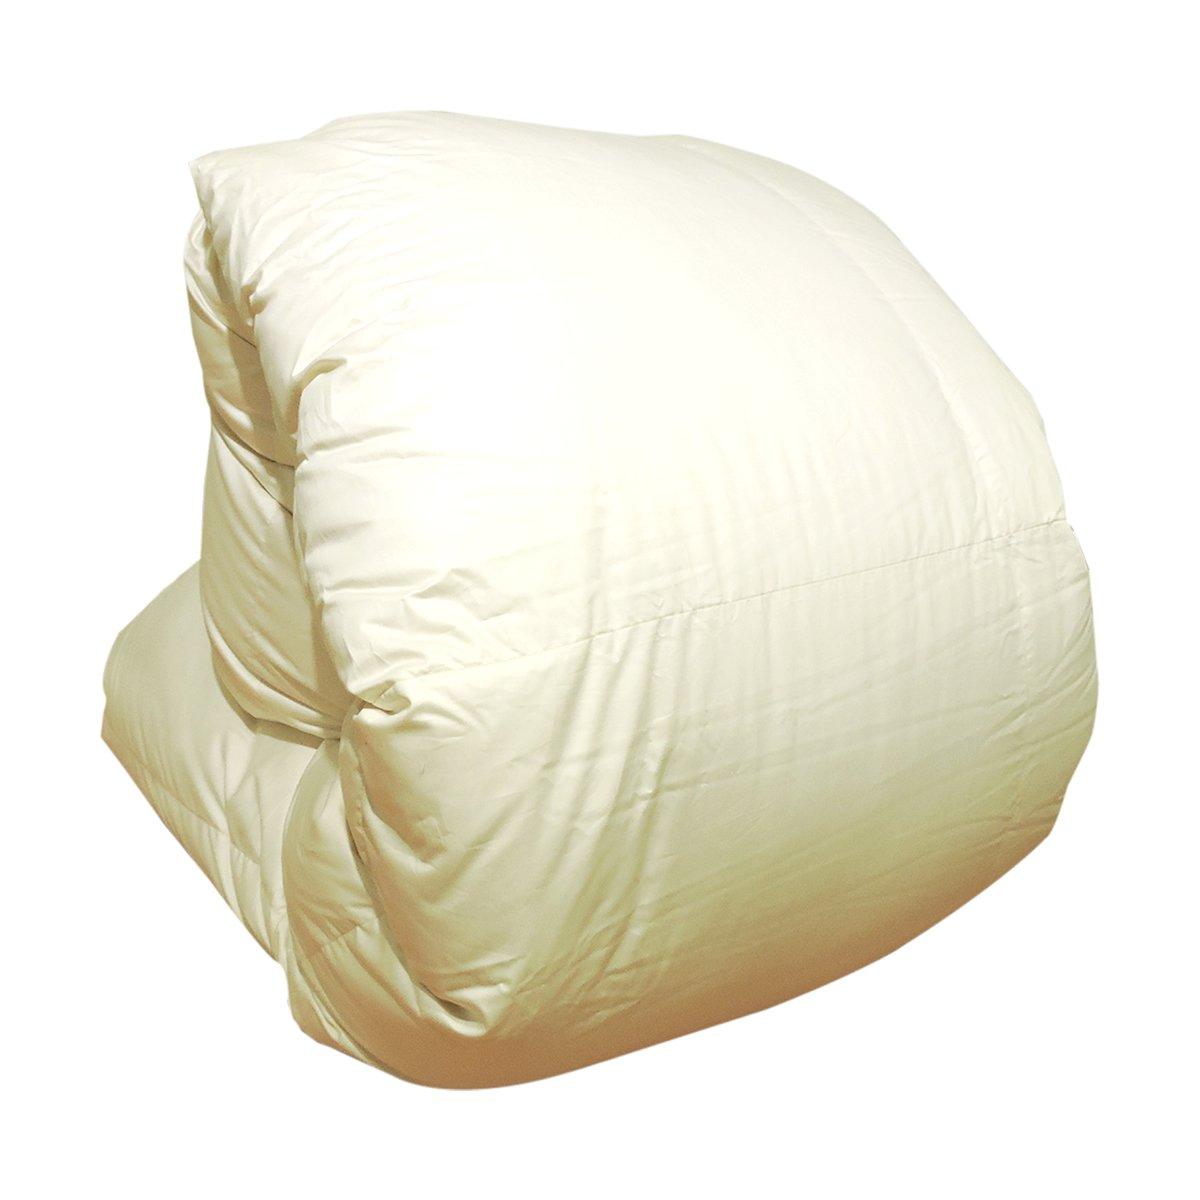 眠り姫 日本製 羽毛布団 ハンガリー産ホワイトマザーグースダウン 93% ダブルロング シャルレーヌ アイボリー 190×210cm 60サテン 超長綿 二層立体 400dp かさ高165mm以上 B016TEP3KW ダブルロング|アイボリー アイボリー ダブルロング